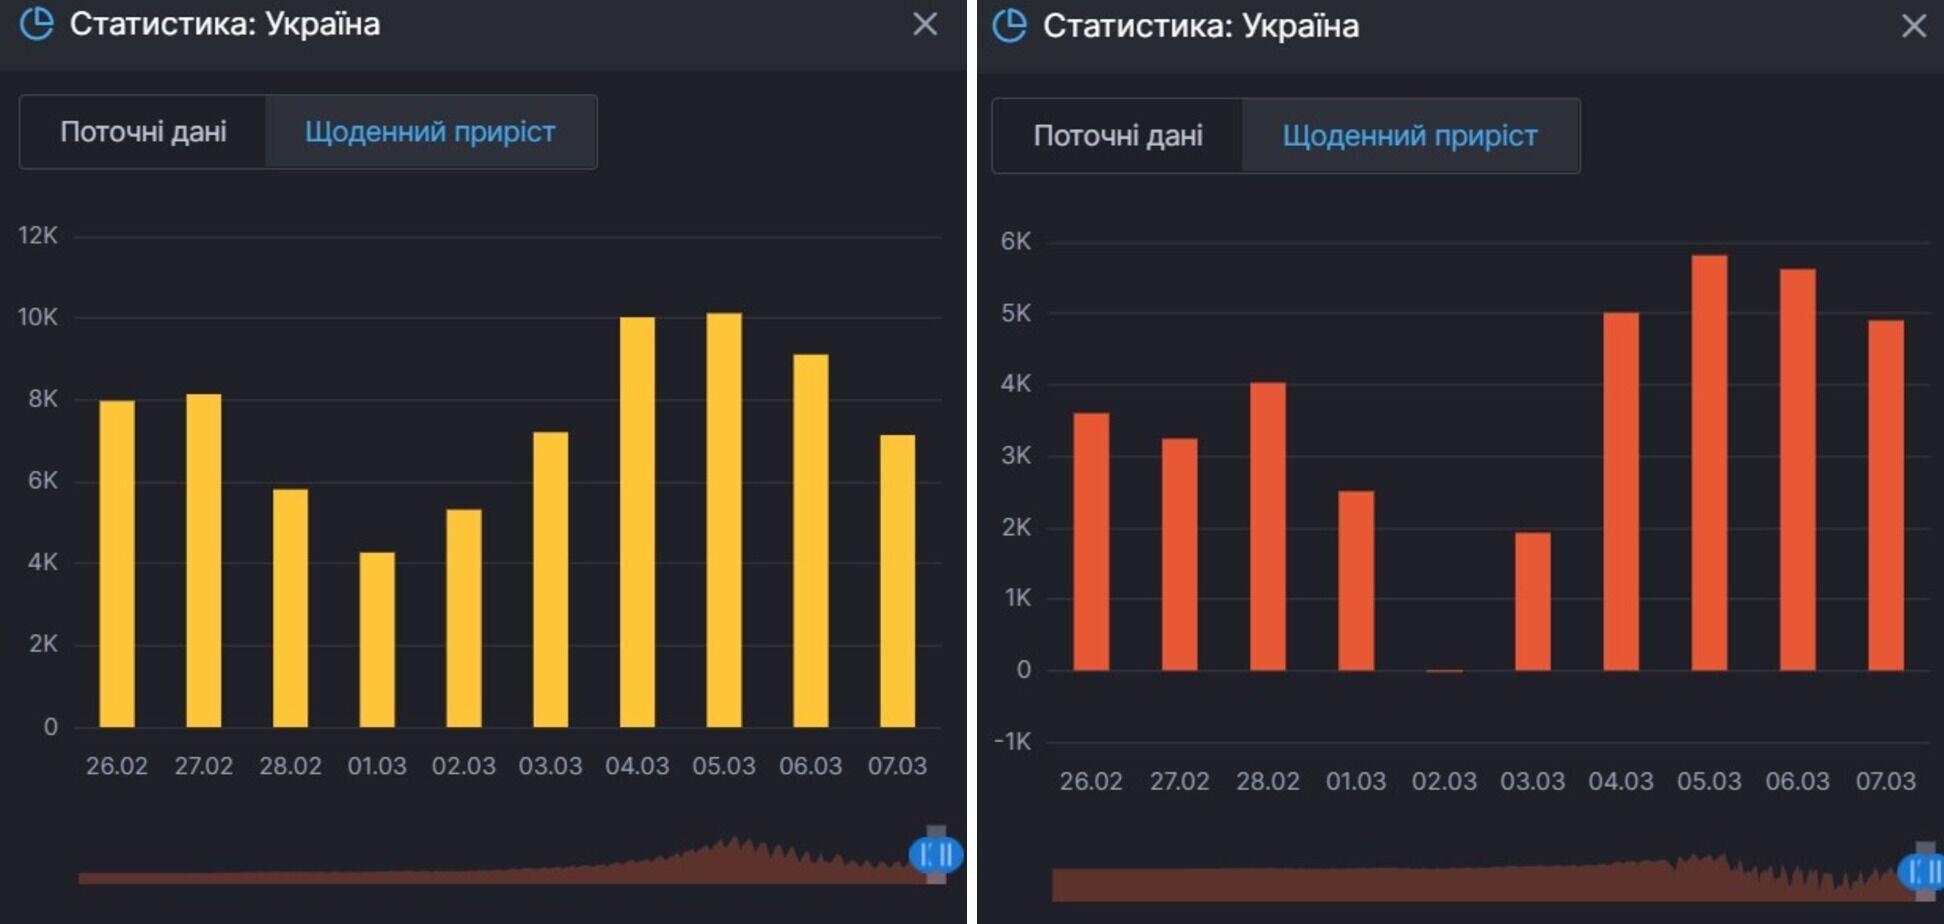 Прирост заражений COVID-19 и активных больных в Украине